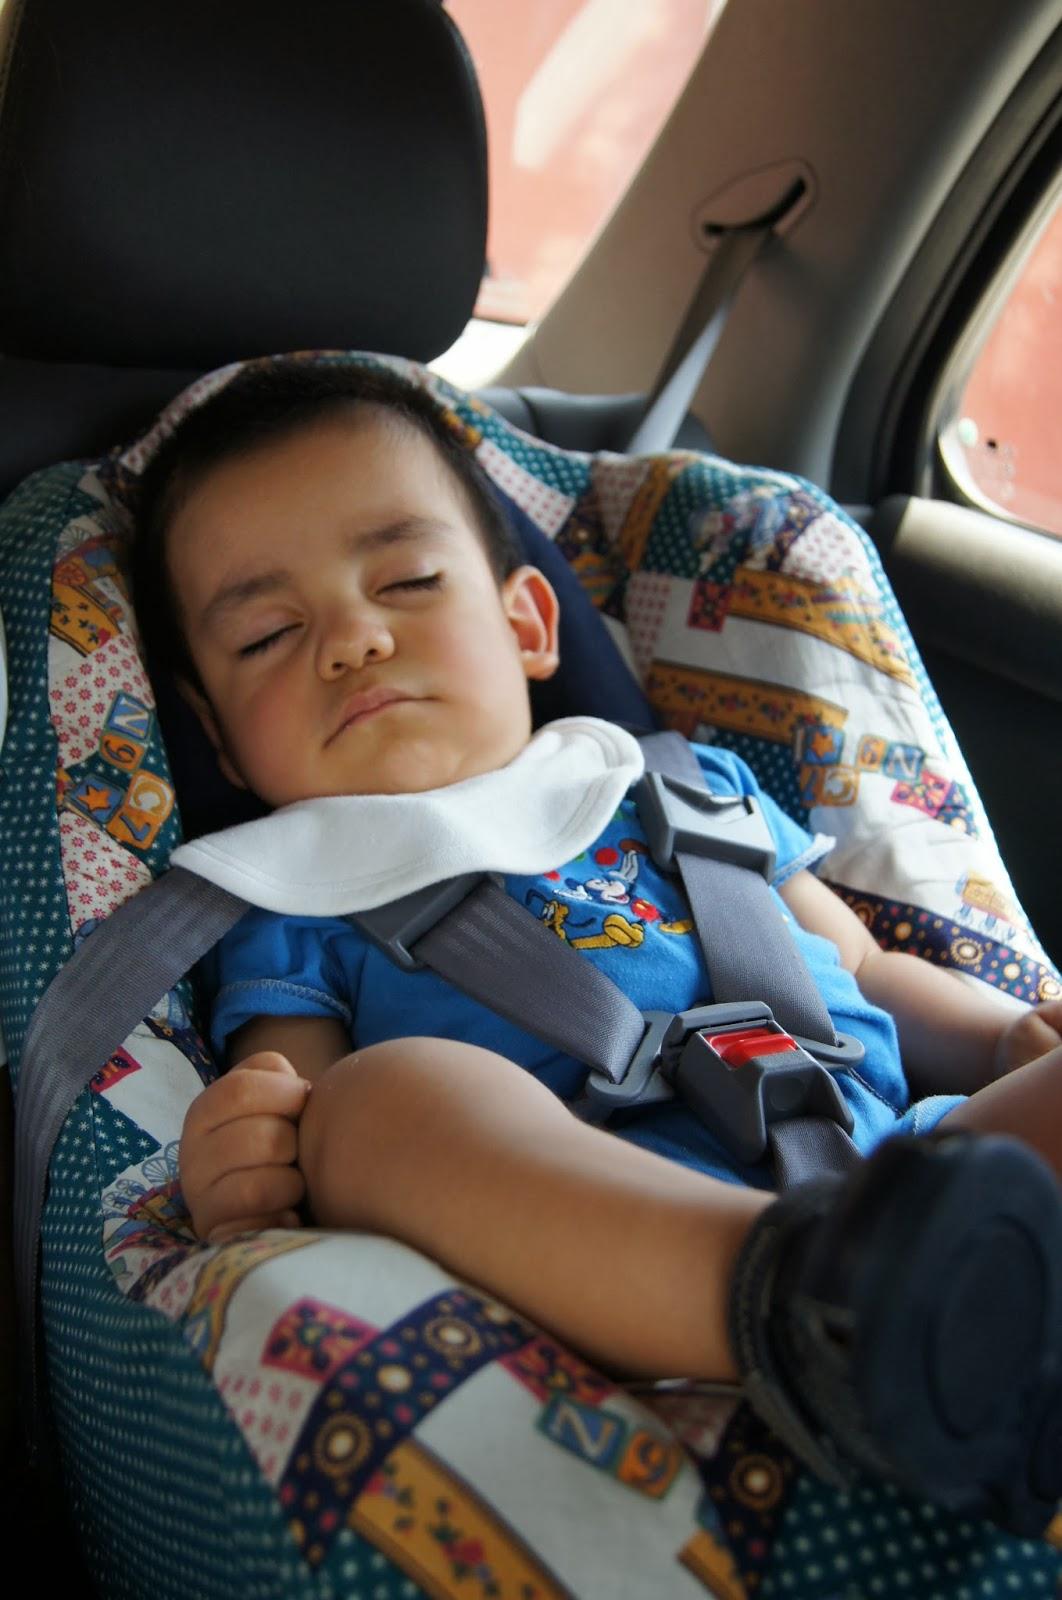 El cintur n de seguridad para ni os y embarazadas la for Sillas para que los bebes aprendan a sentarse